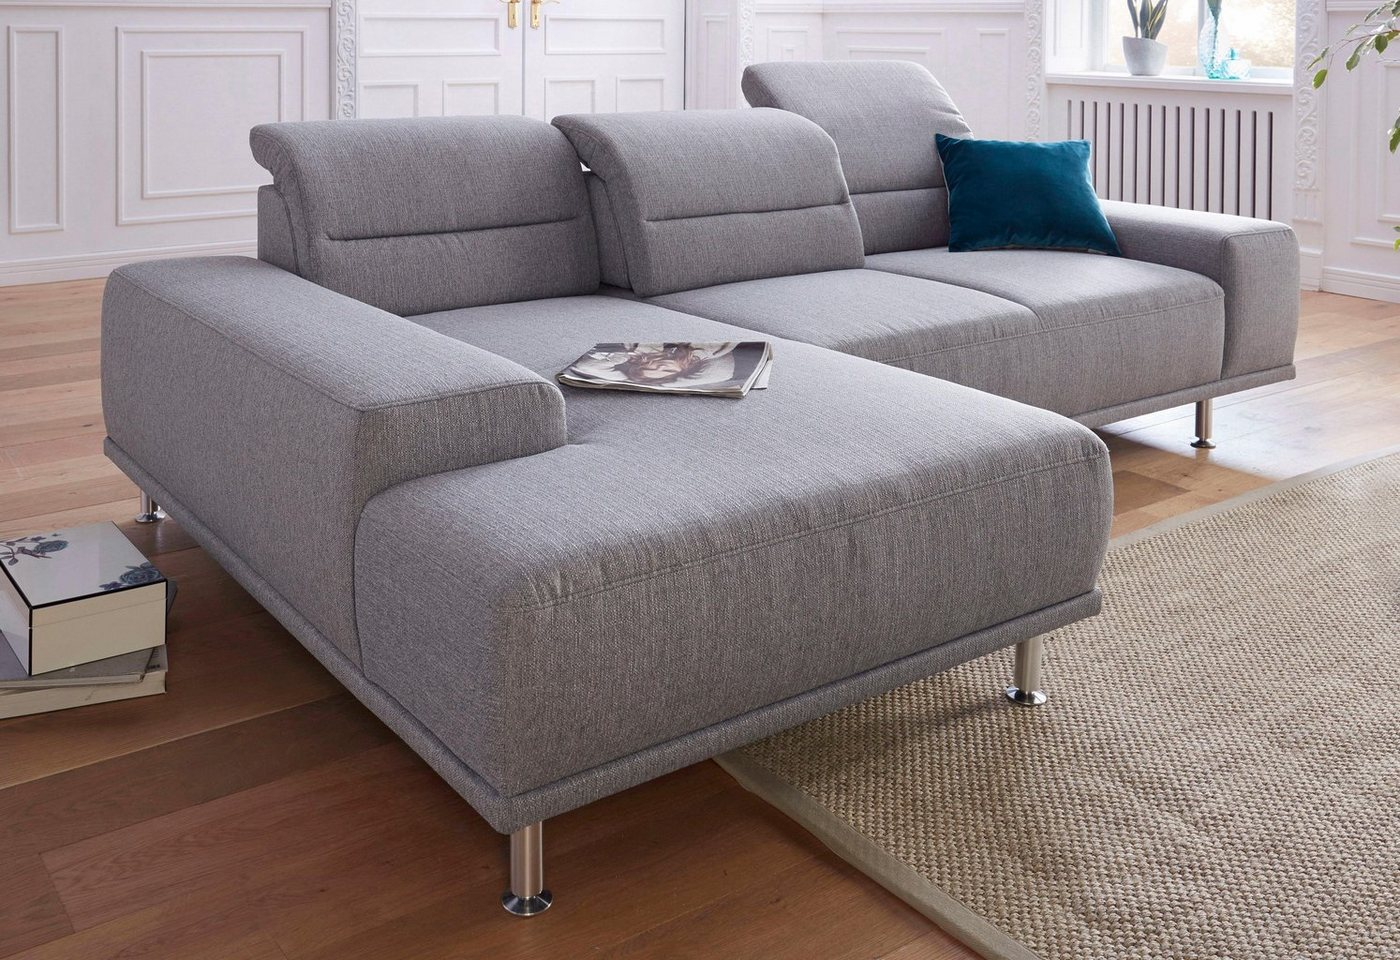 Sit & More hoekbank met recamier en binnenvering, inclusief zitdiepteverstelling